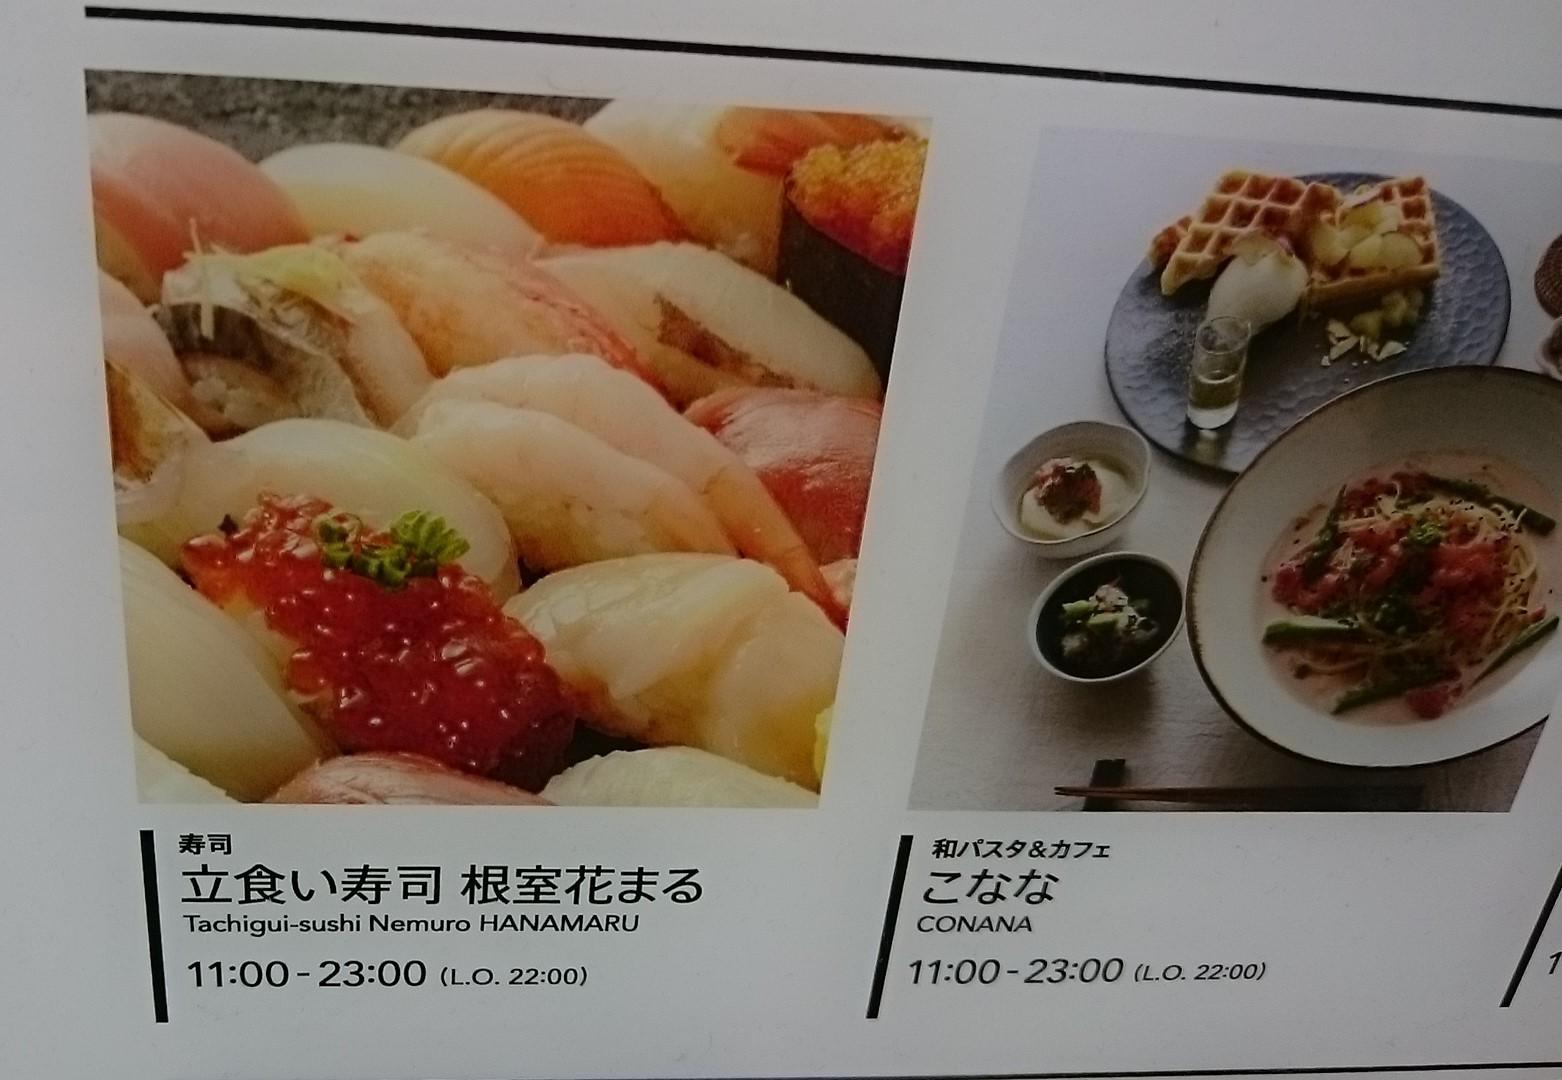 銀座で立ち食い鮨♪ 根室花まる_c0100865_08272260.jpg